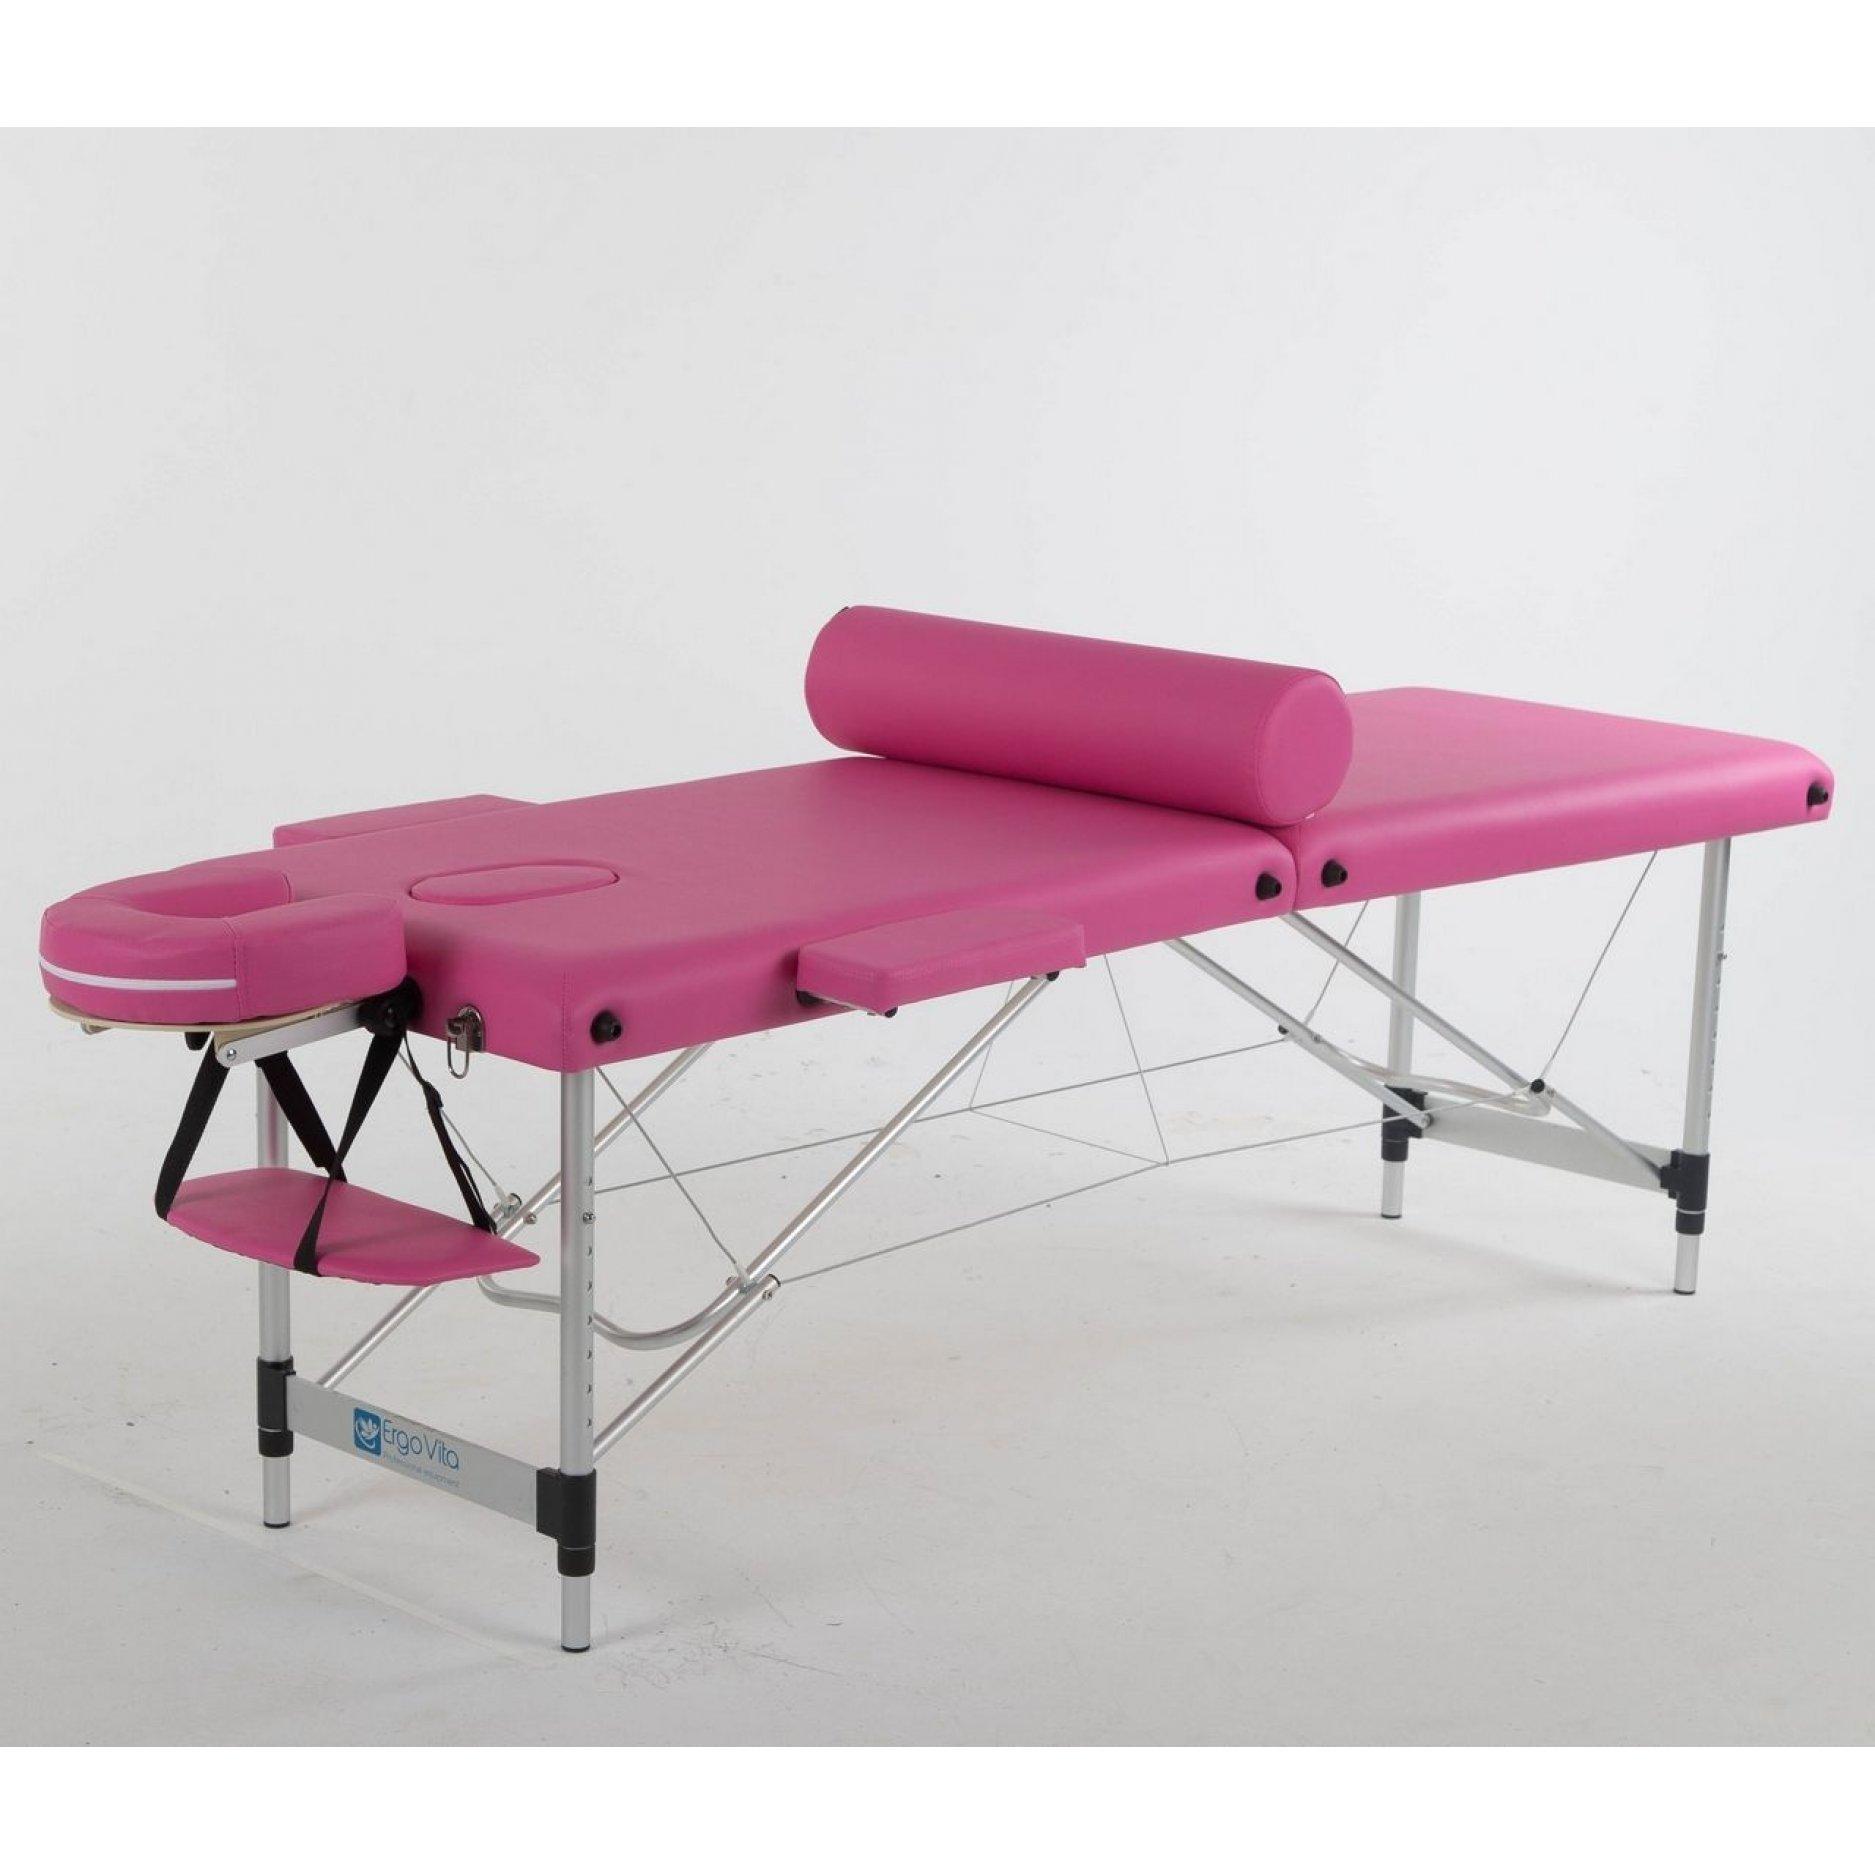 Складной массажный стол ErgoVita Classic Alu розовый